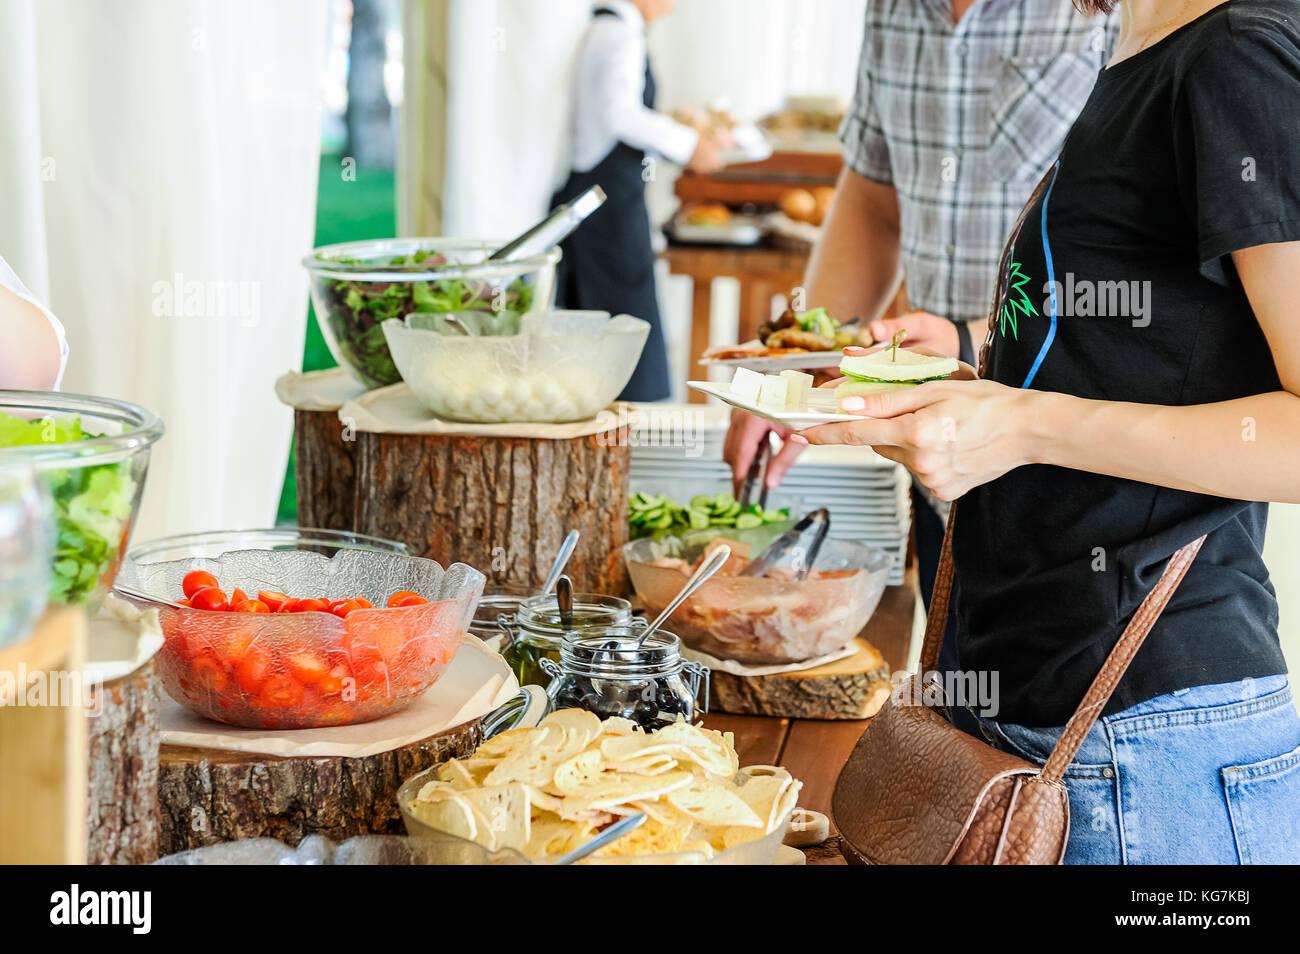 Kulinarische Küche   Outdoor Kuche Kulinarische Salat Bar Catering Gruppe Von Menschen